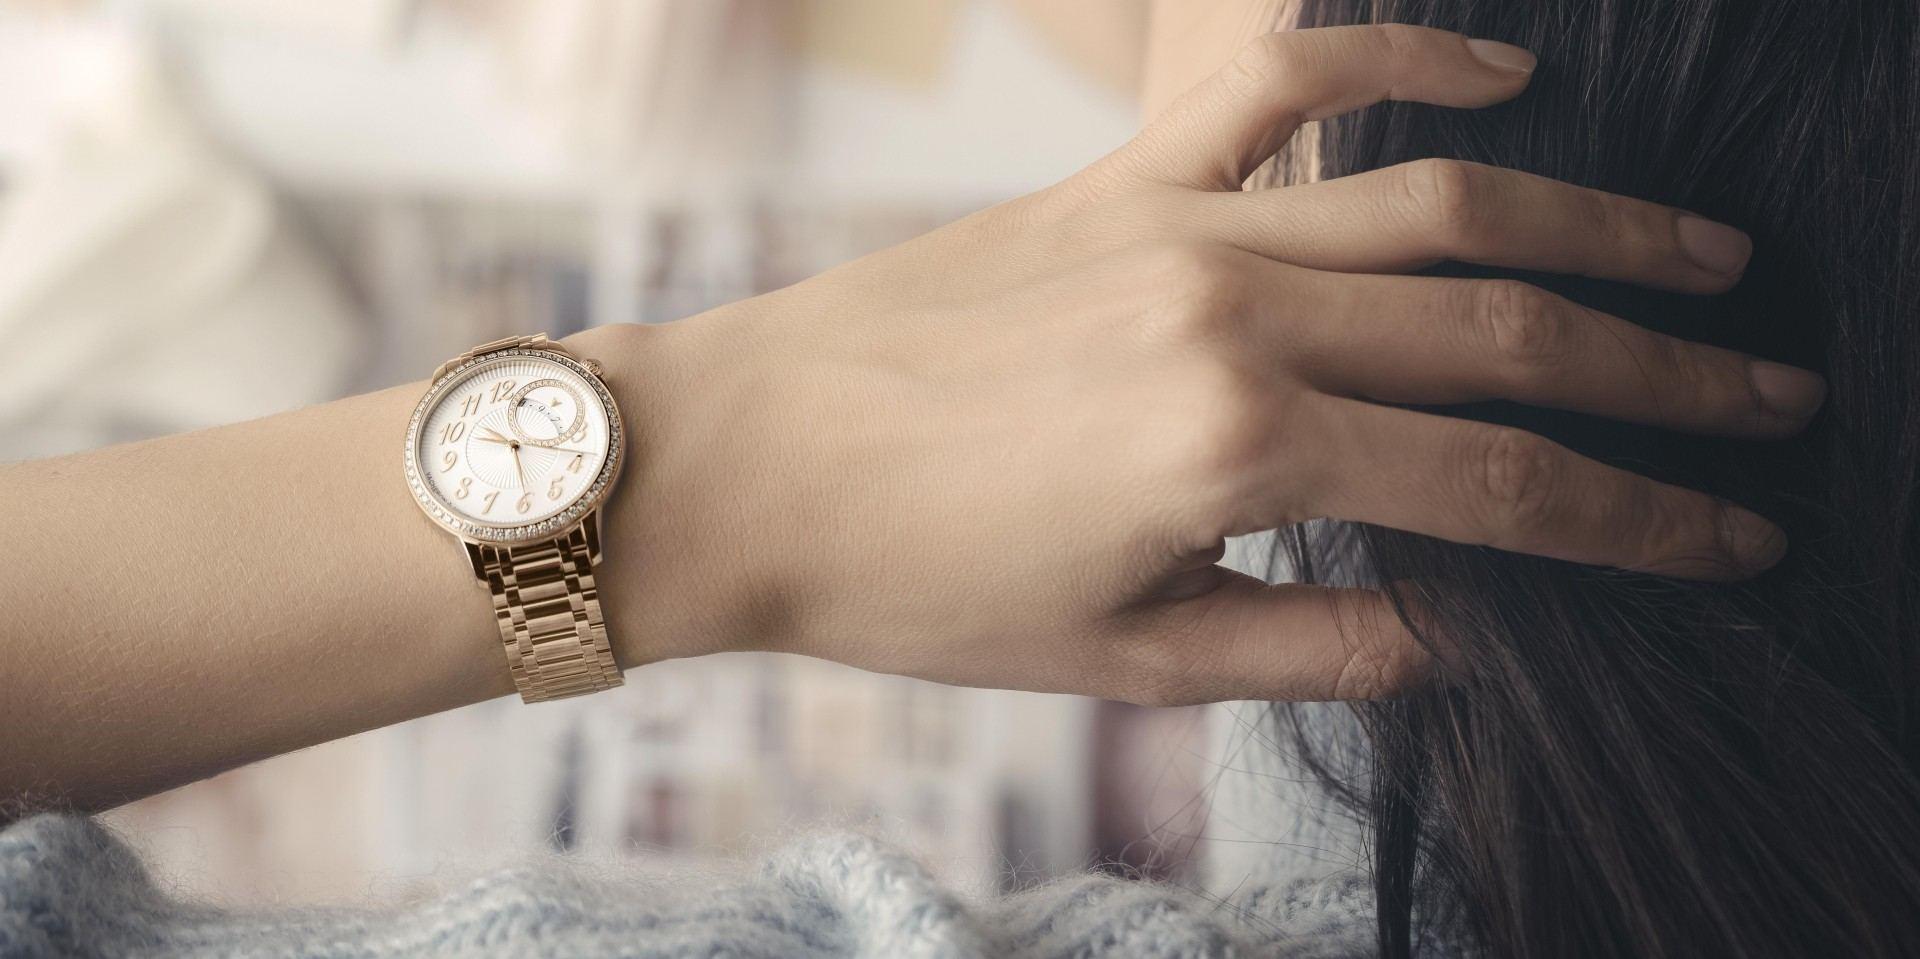 輝映高級製錶之美:Vacheron Constantin 江詩丹頓Égérie自動上鍊腕錶全金款